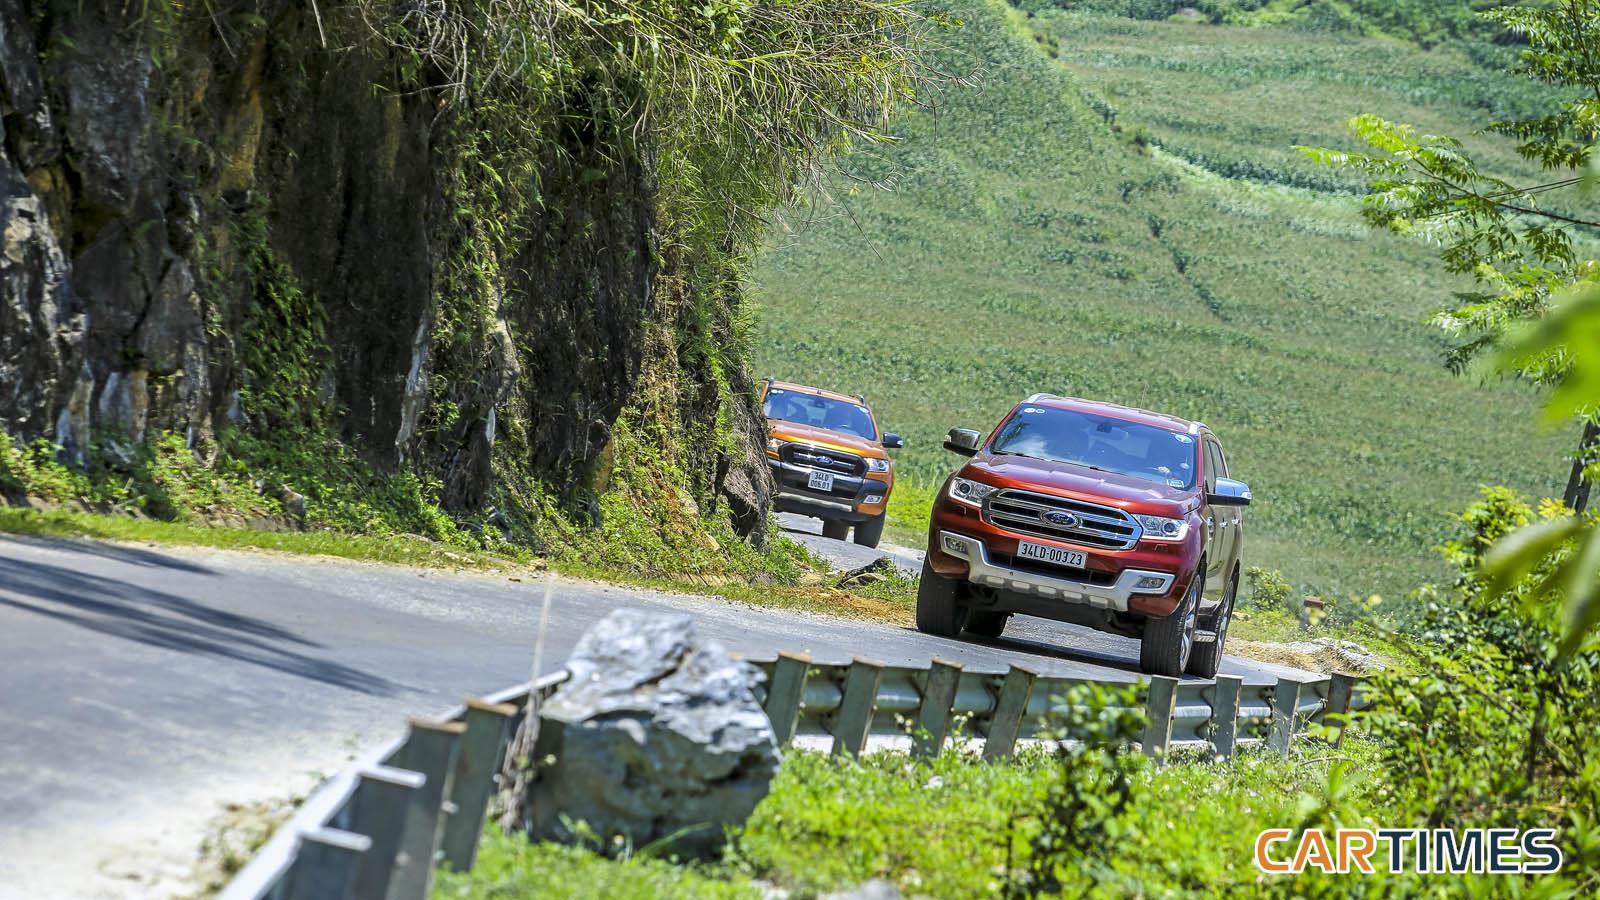 Ford Everest và Ford Ranger (2 dòng xe được sử dụng trong chuyến đi lần này).